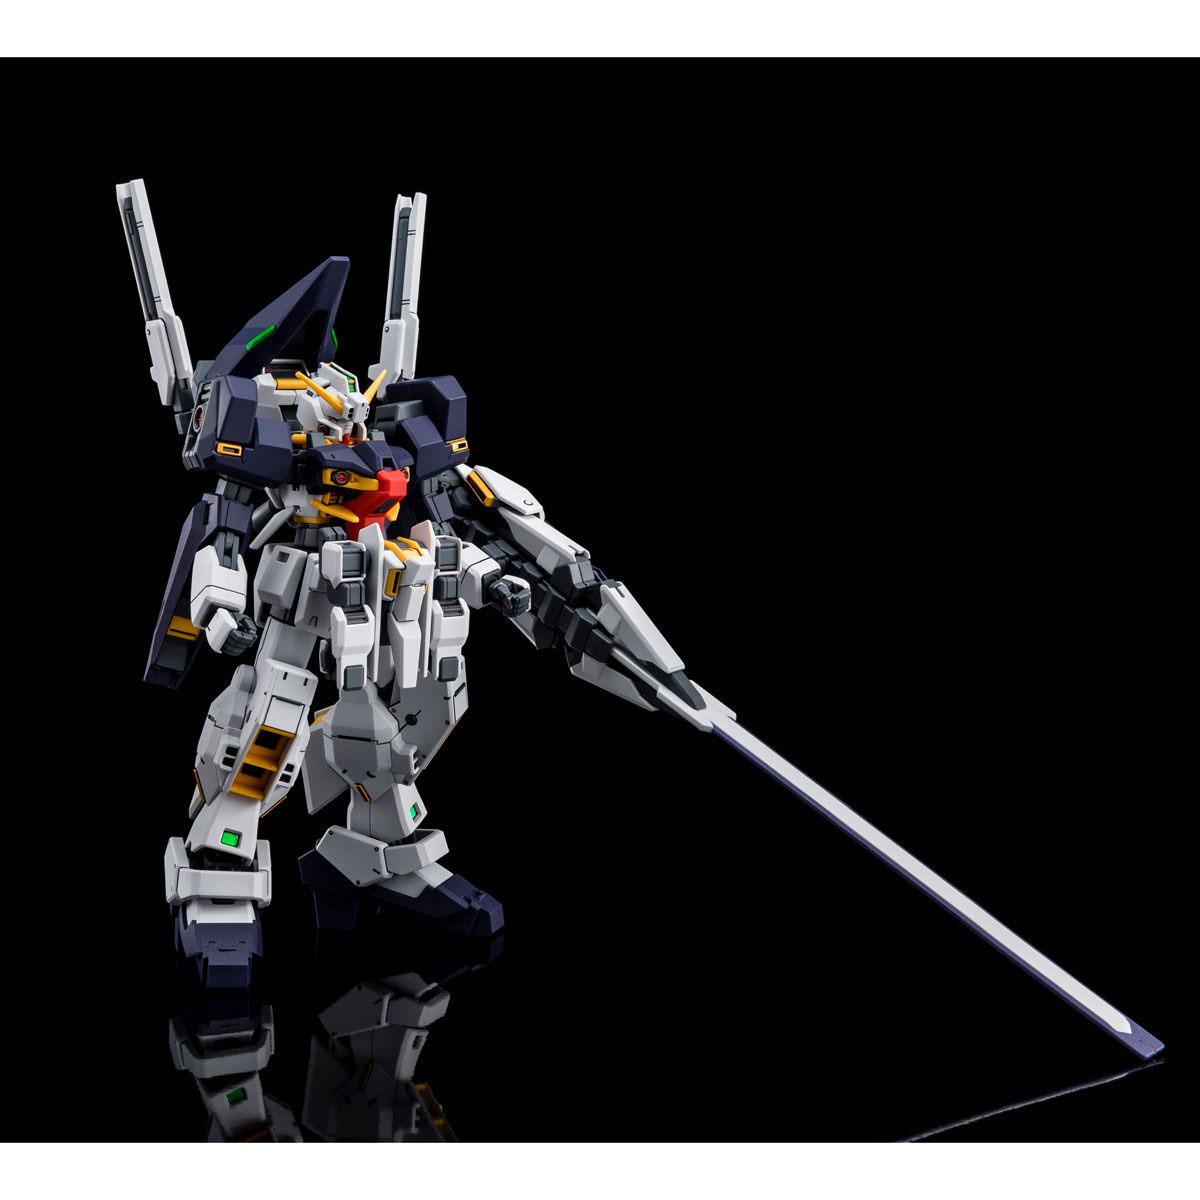 【限定販売】HG 1/144『ガンダムTR-1[ハイゼンスレイ]』プラモデル-002